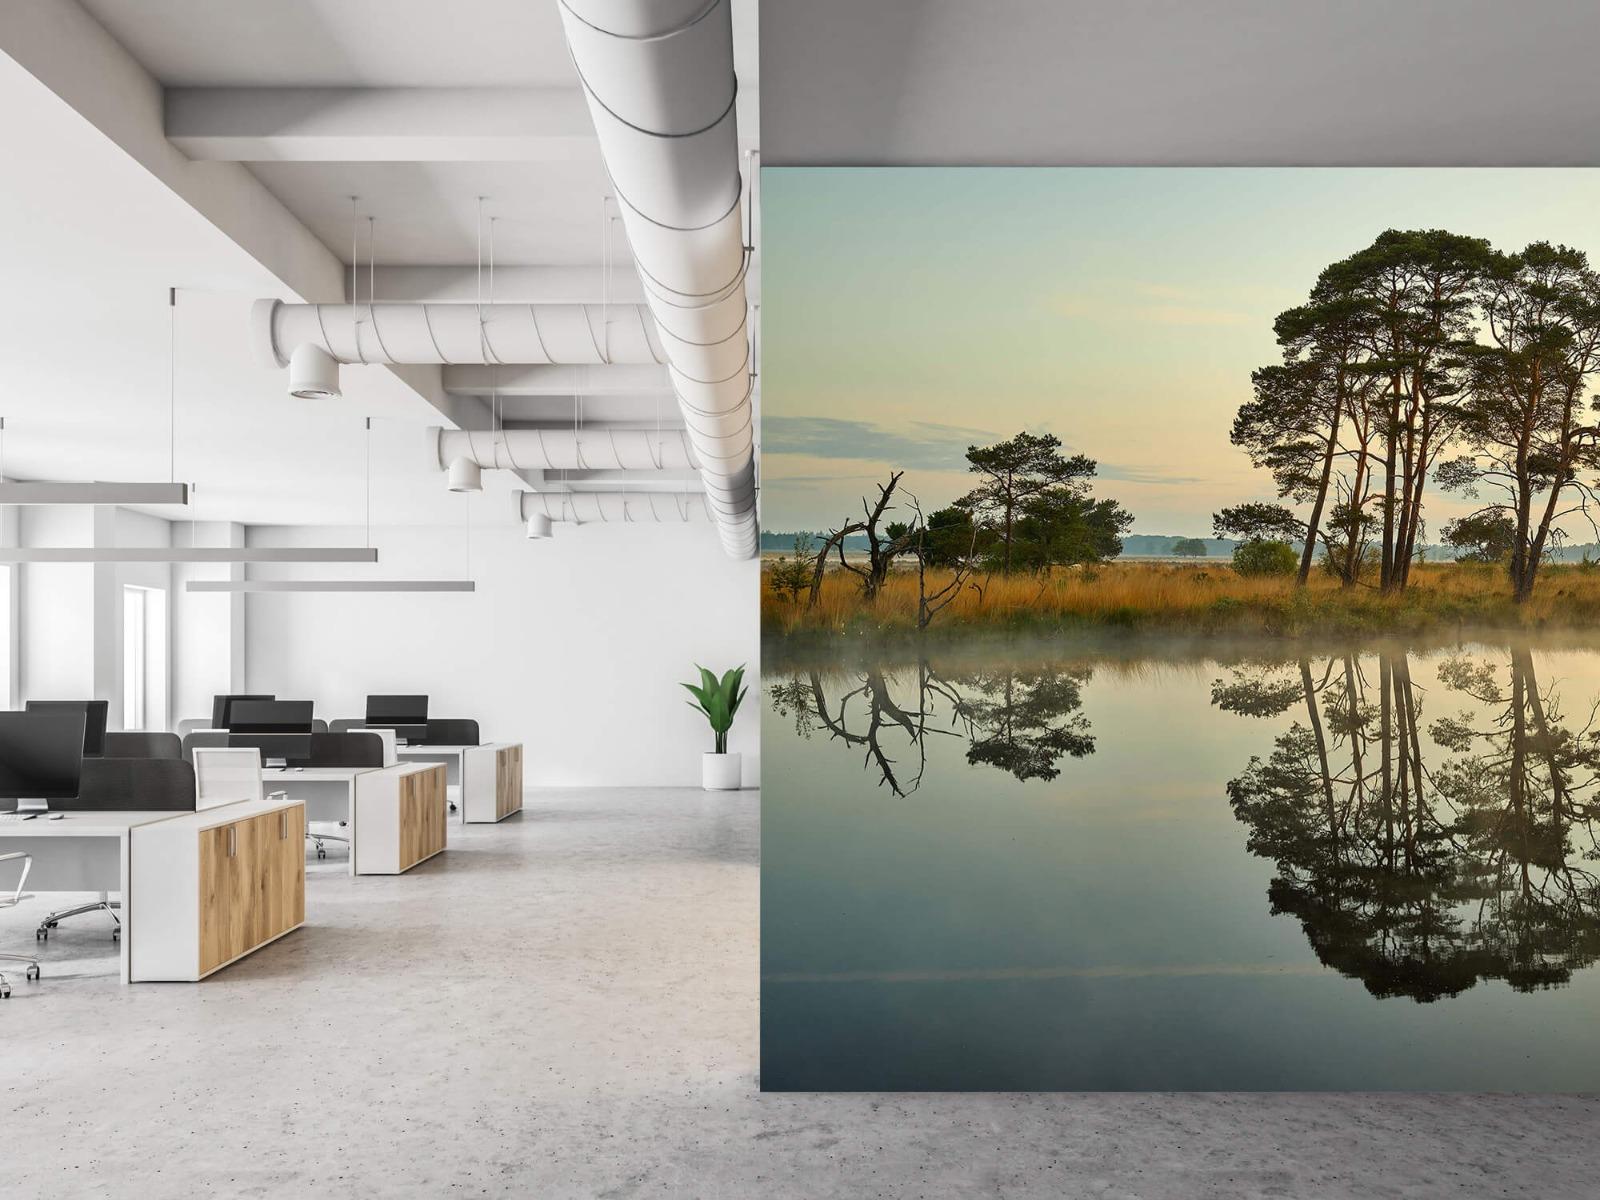 Natuur - Reflectie in bosven 21